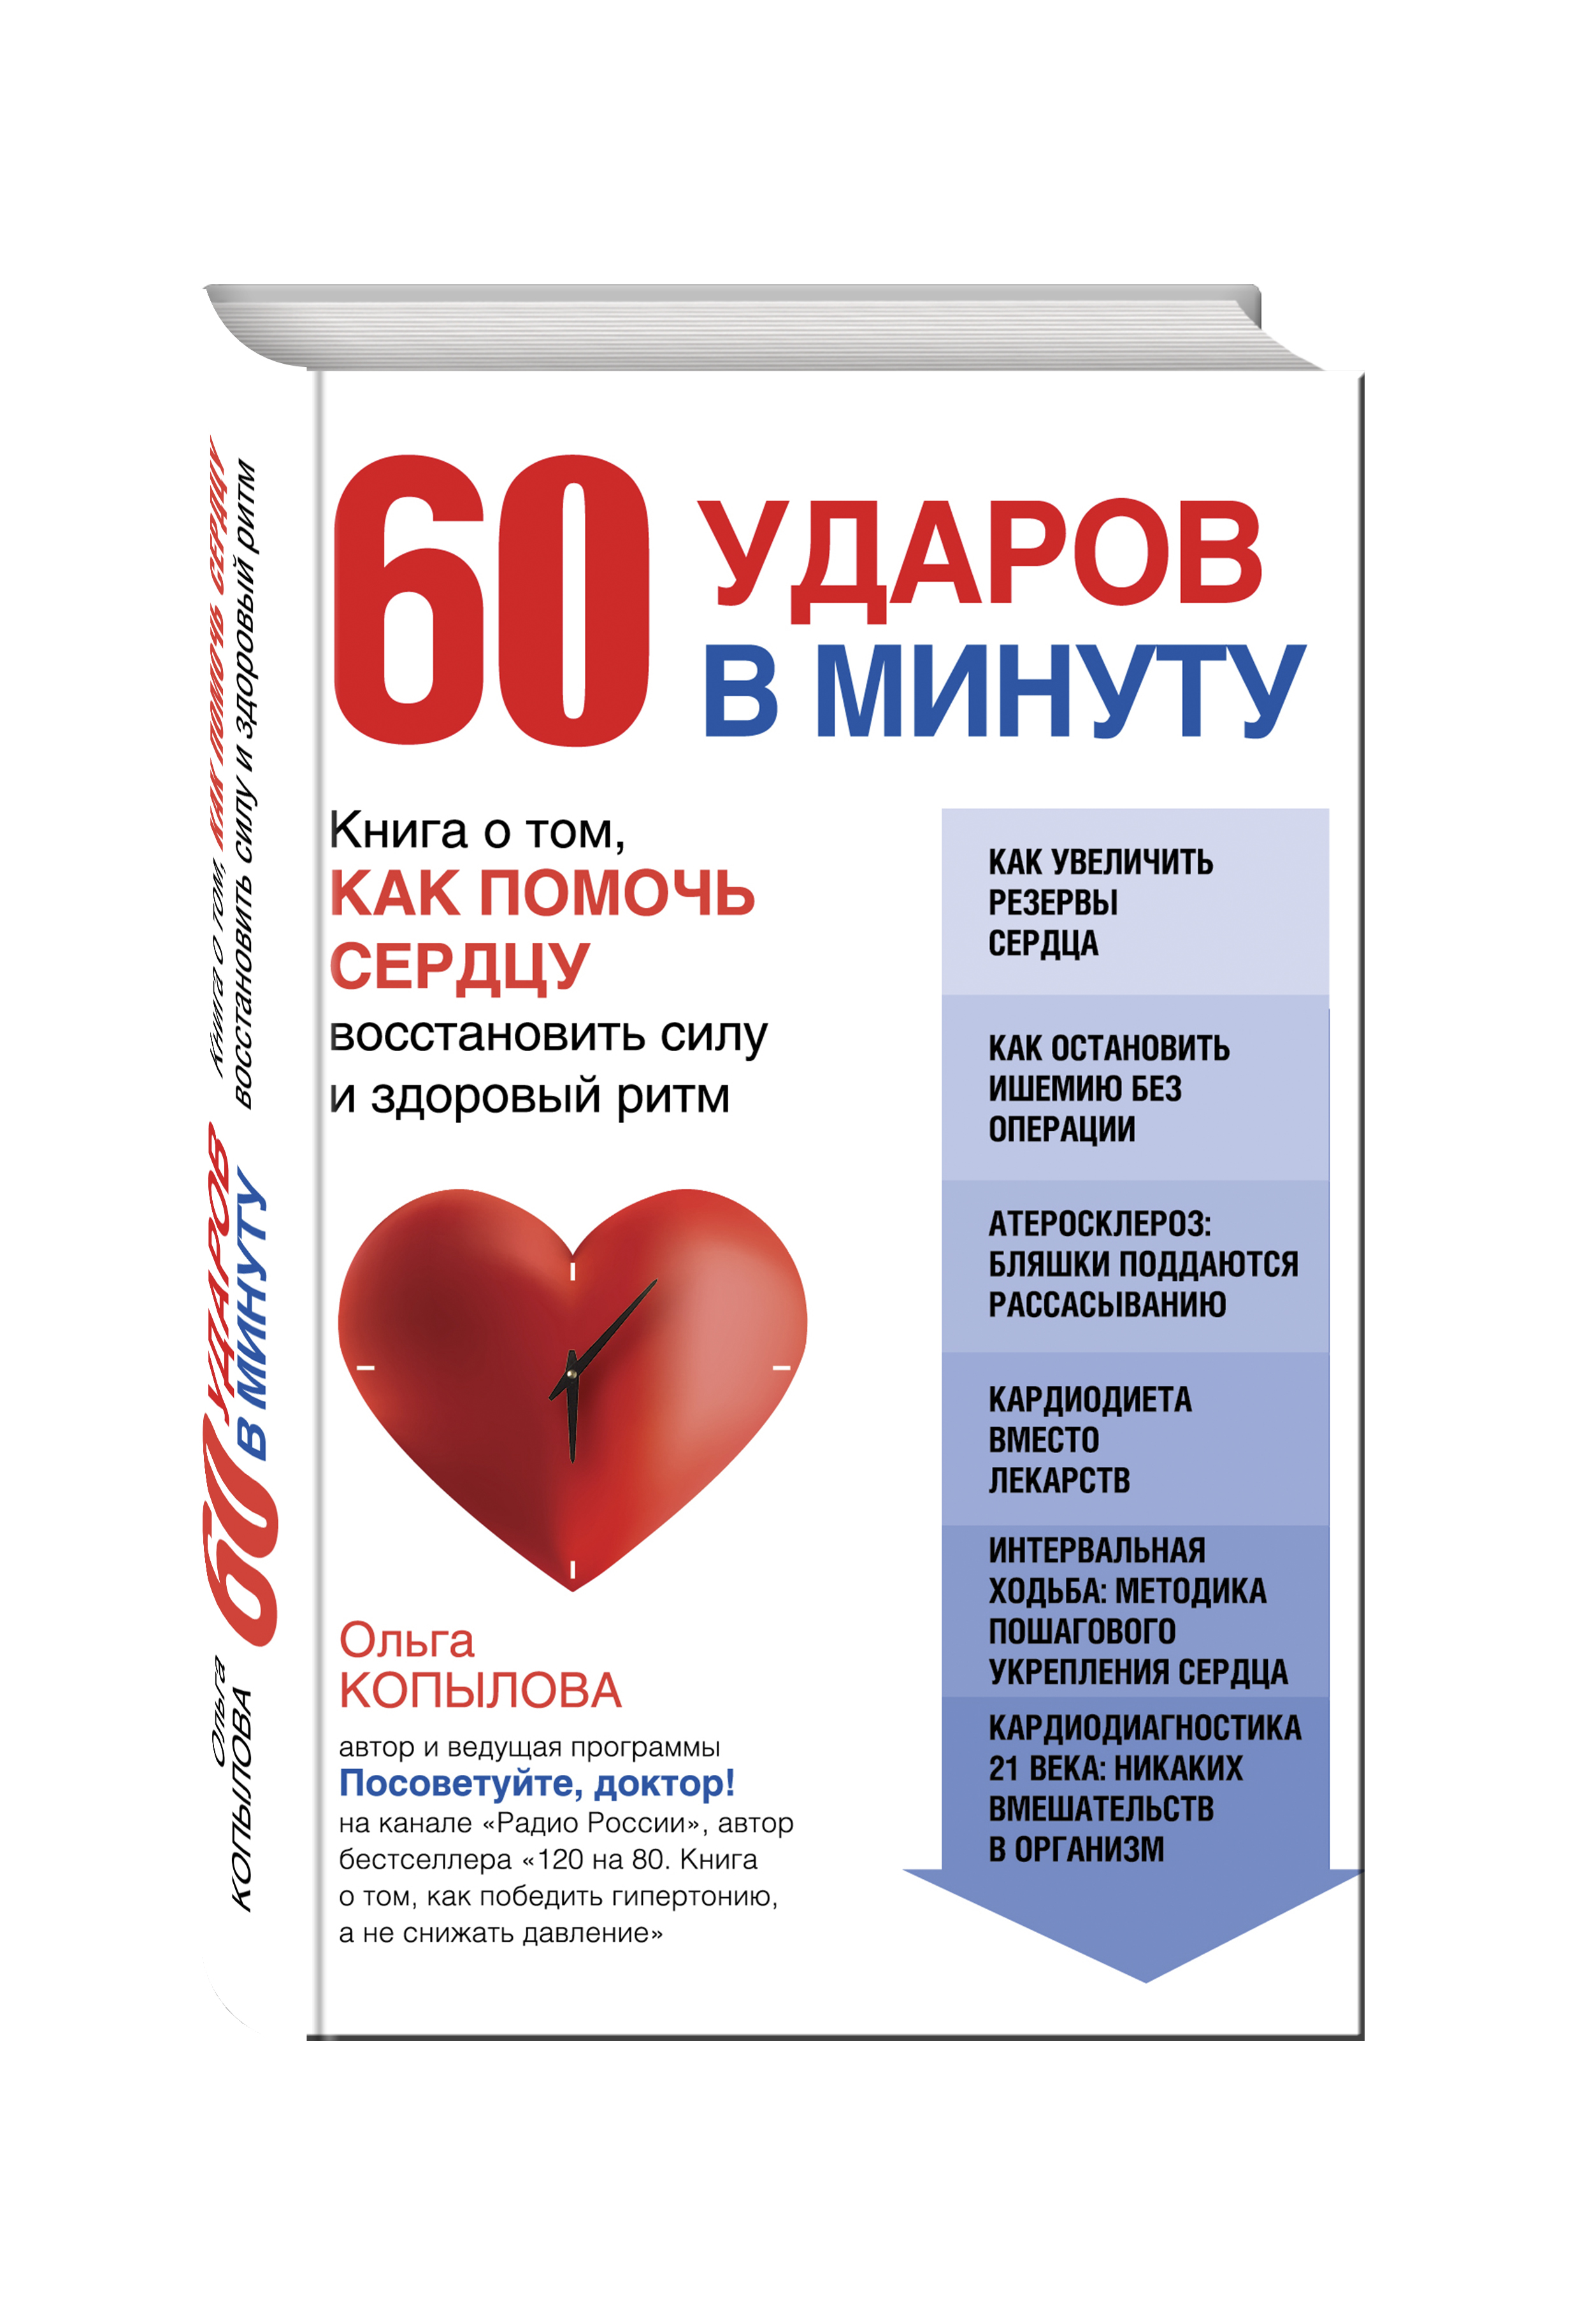 60 ударов в минуту. Книга о том, как помочь сердцу восстановить силу и здоровый ритм (оформление 1)